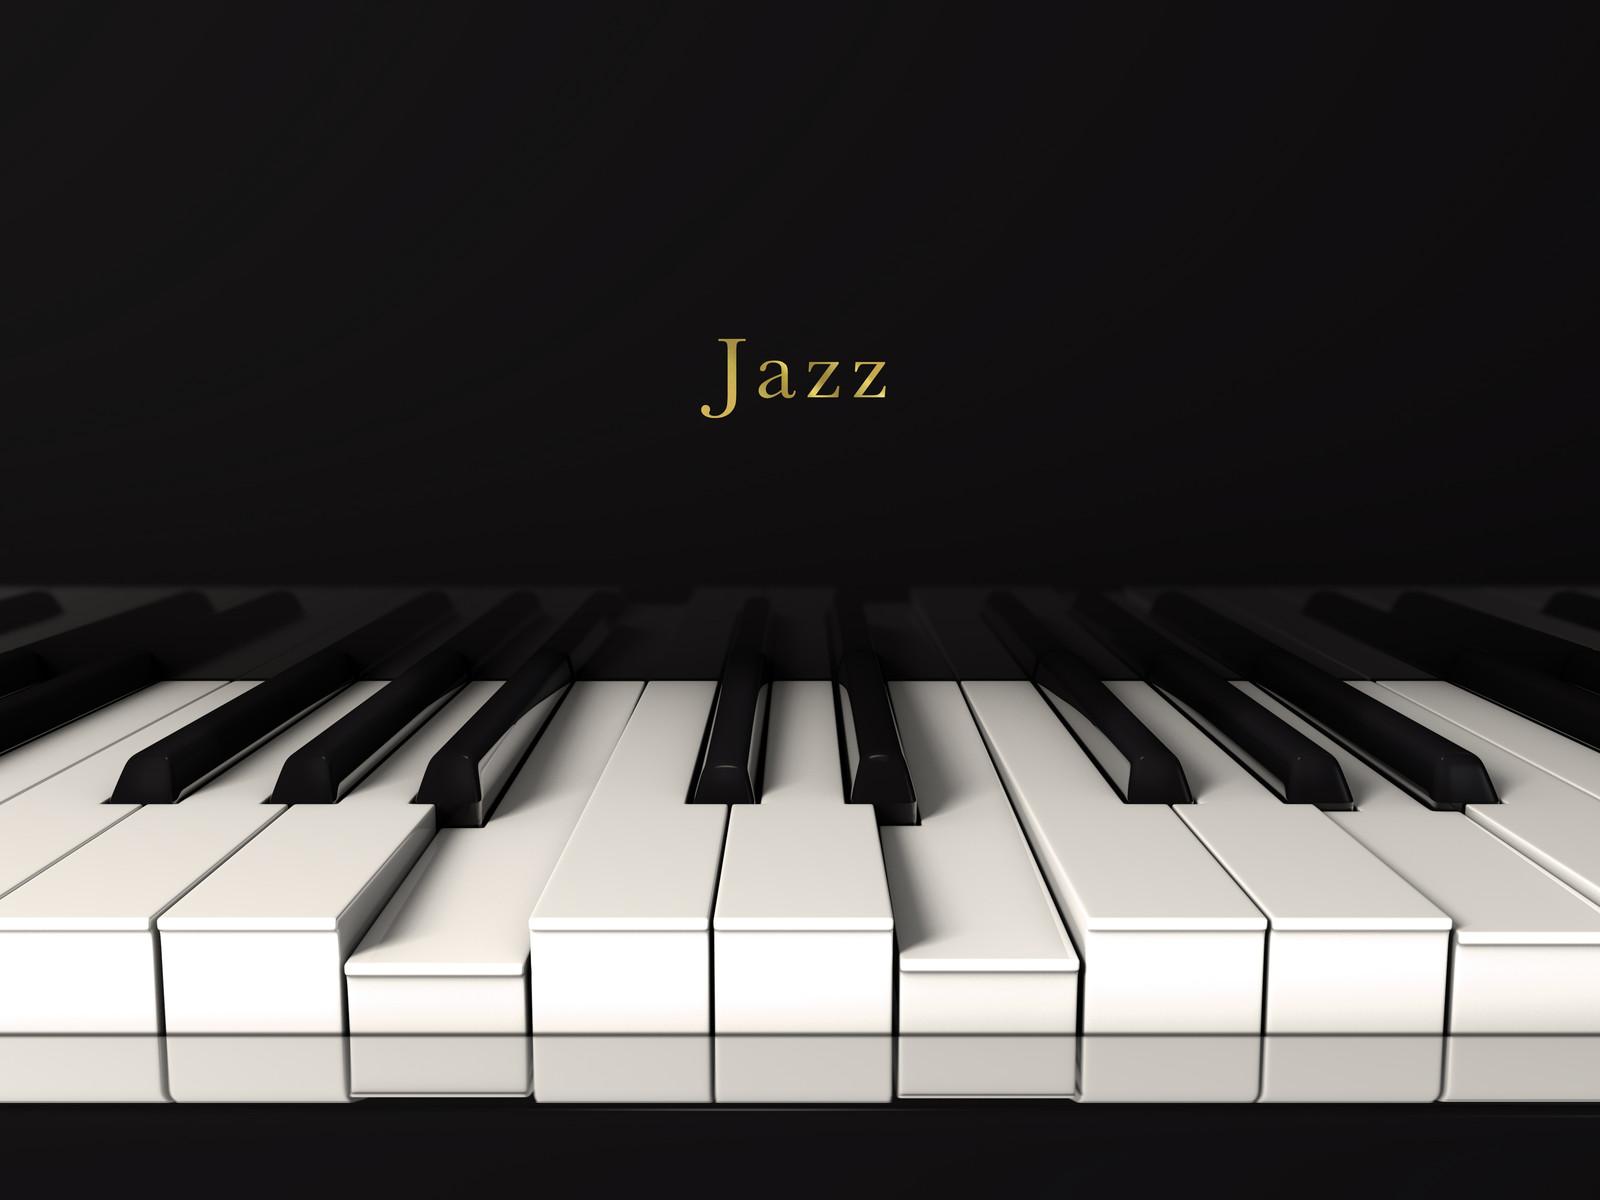 Yvan Jacques каждый день играет джаз в прямом эфире Youtube